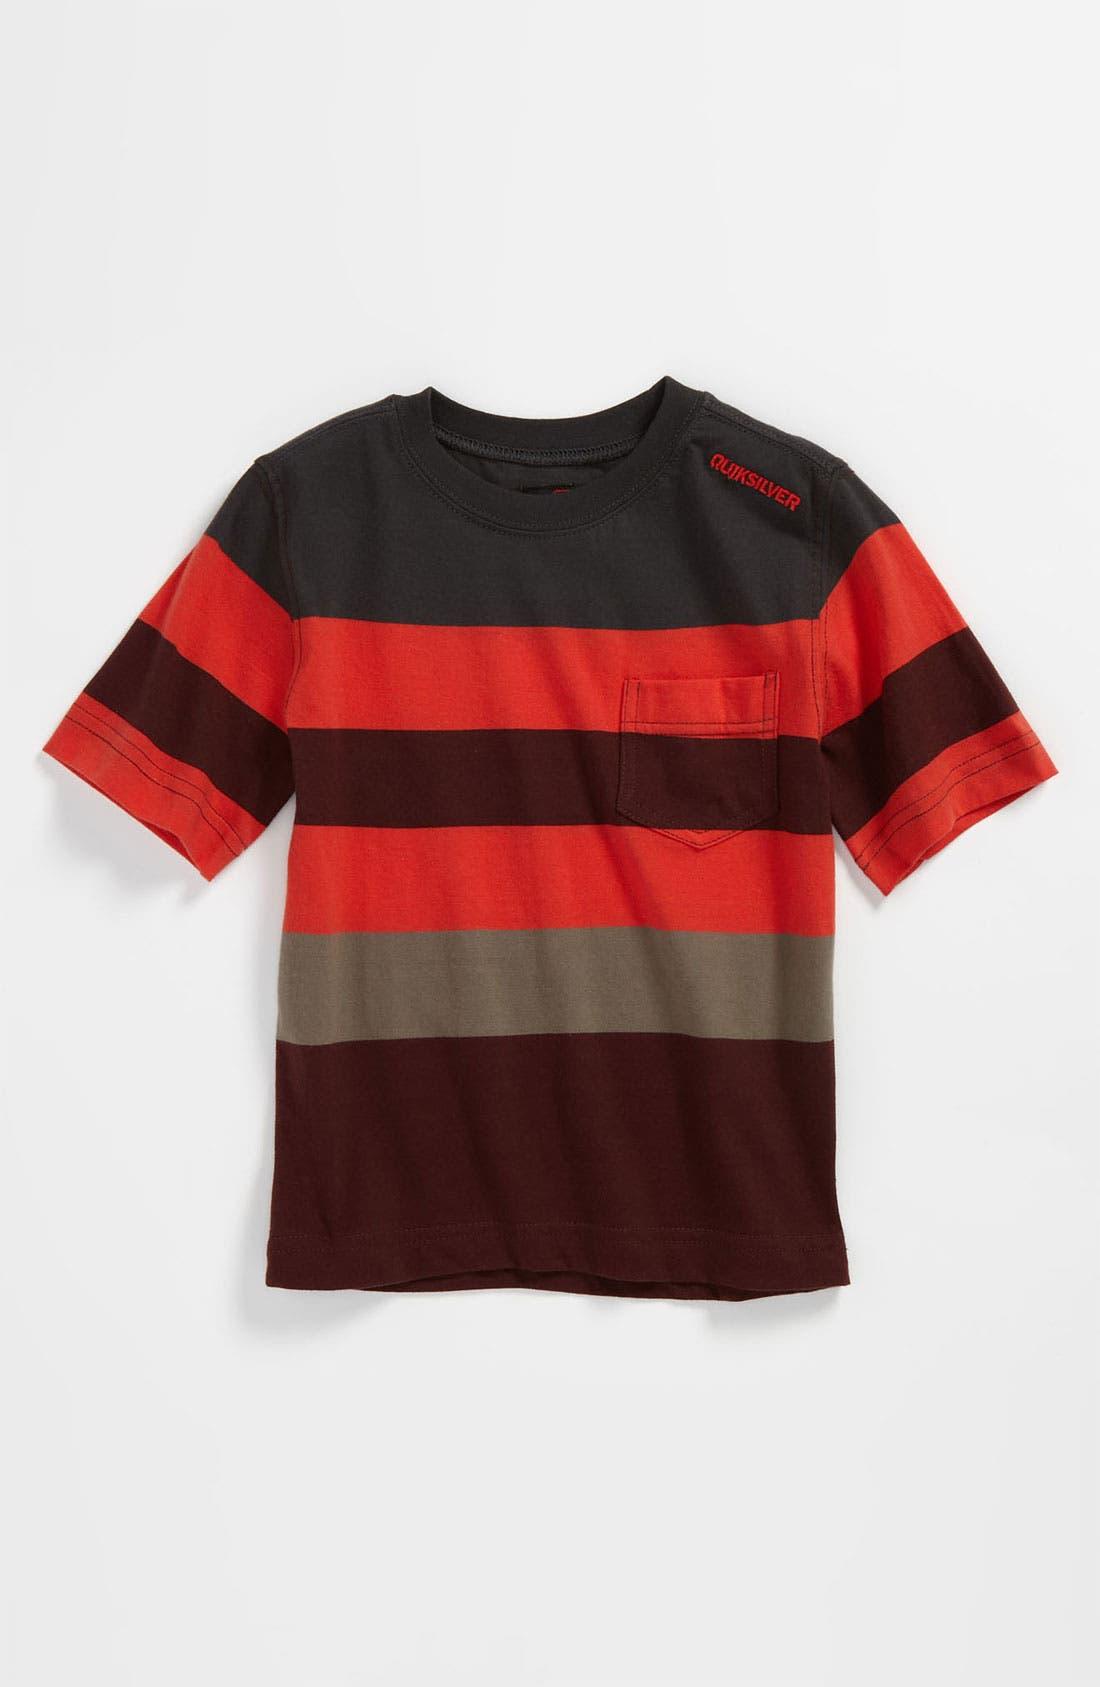 Main Image - Quiksilver 'Mobley' Stripe T-Shirt (Infant)